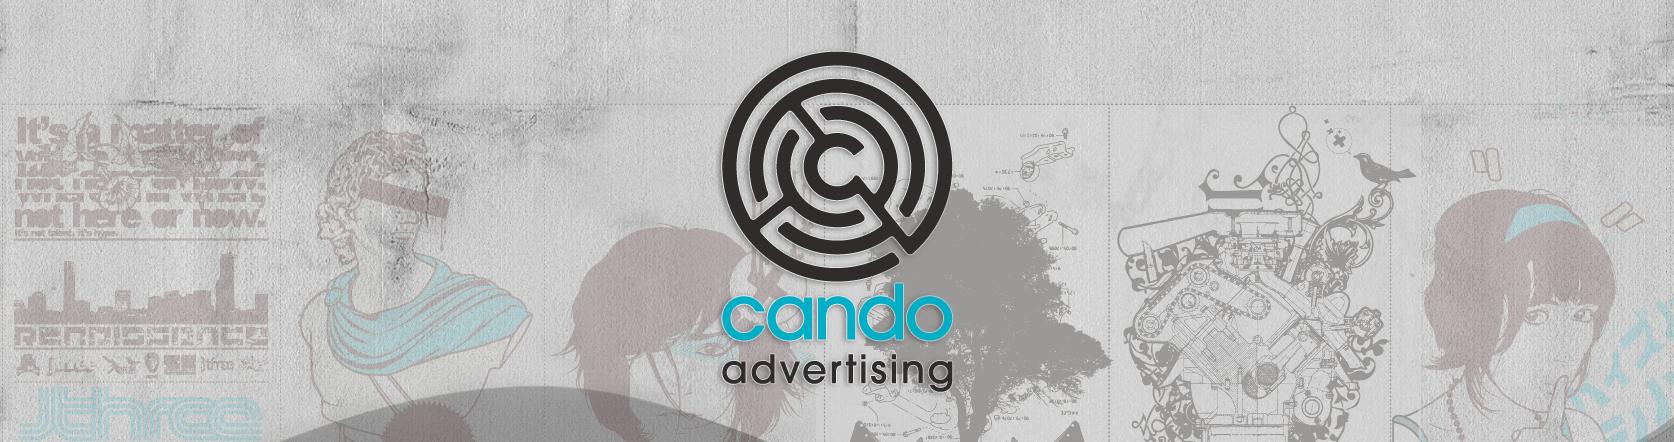 Cando Advertising